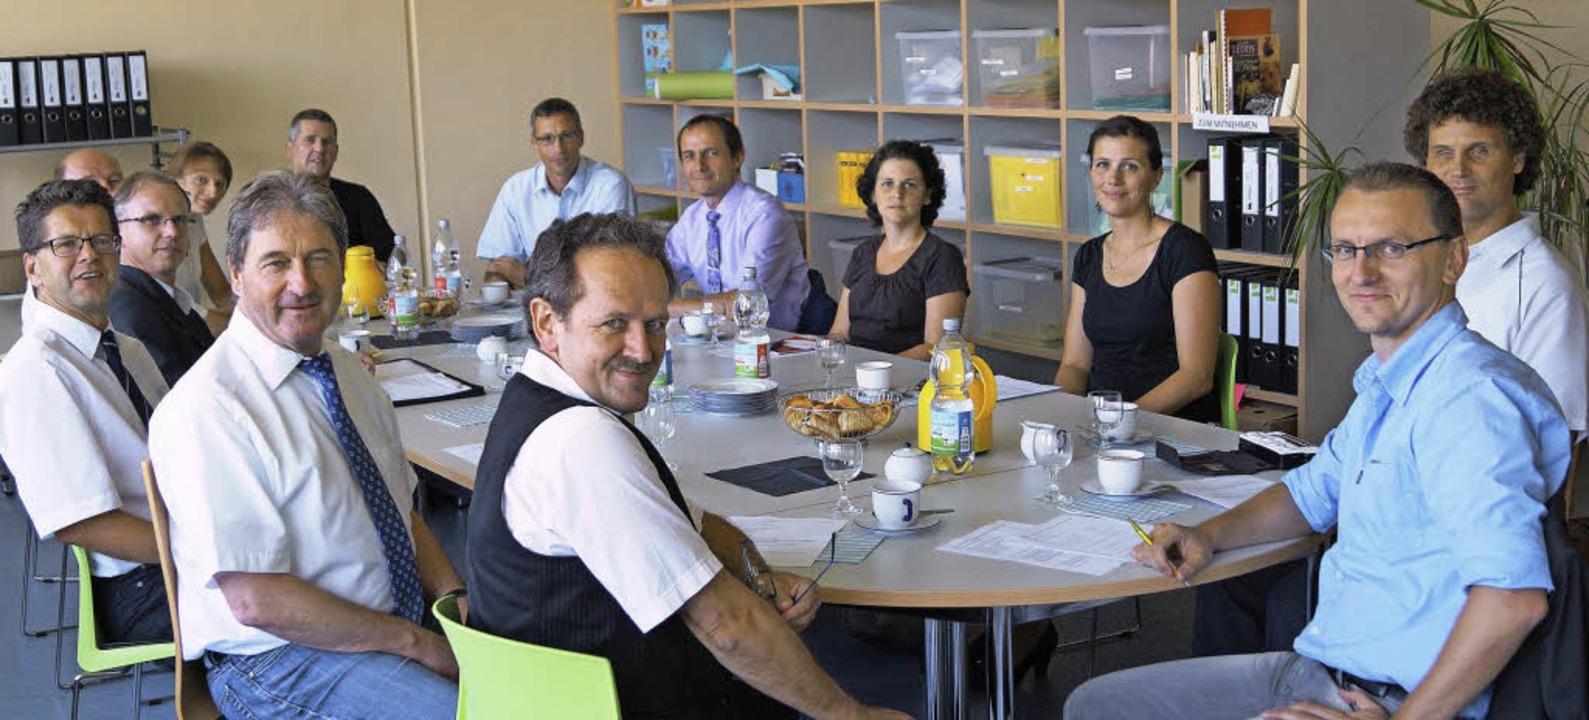 Vertreter der Hugo-Höfler-Realschule u...Treffen in der Breisacher Realschule.     Foto: Christoph Müller